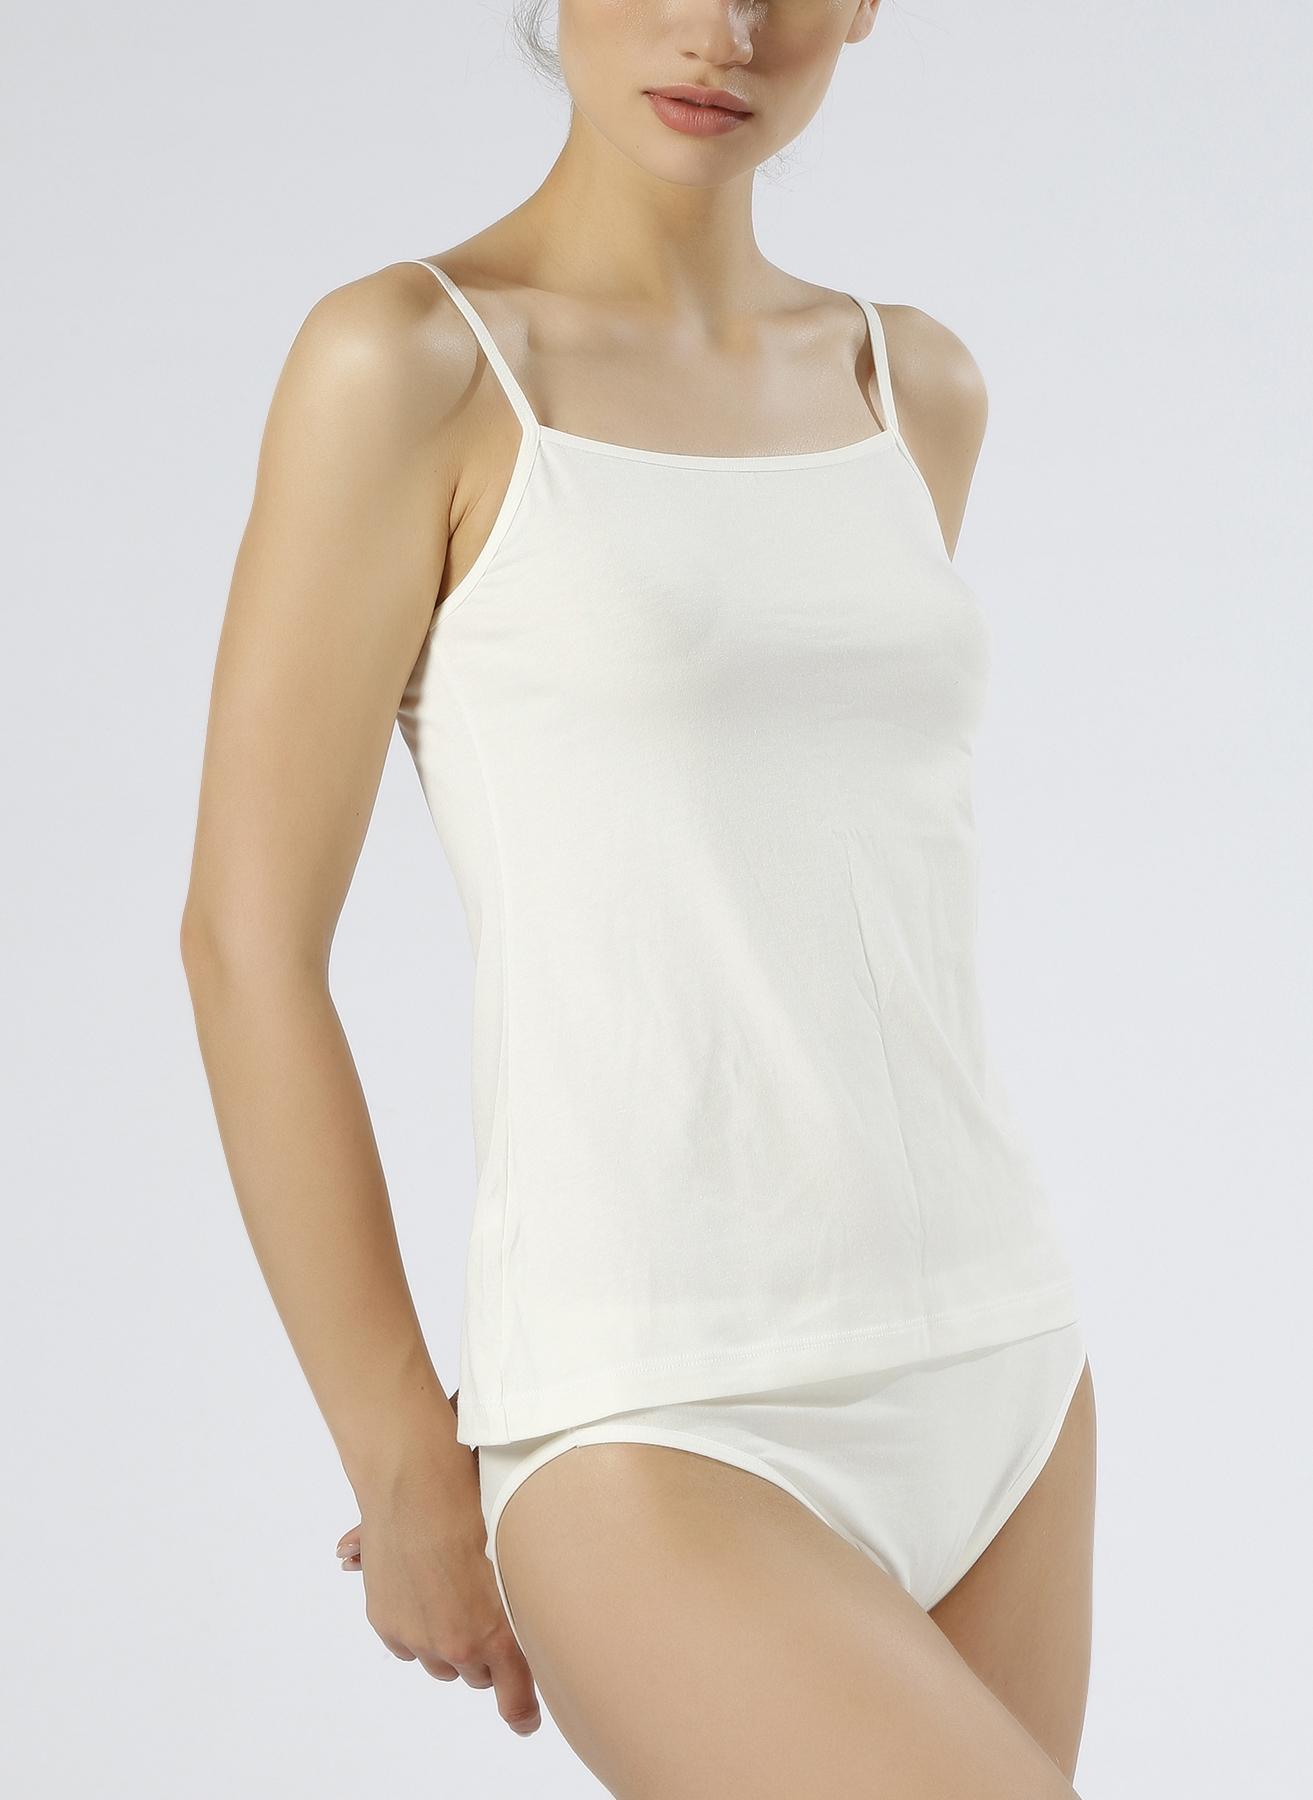 L Renksiz Magic Form Penye İp Askılı Ekru İç Giyim Atlet 5000001972001 Kadın